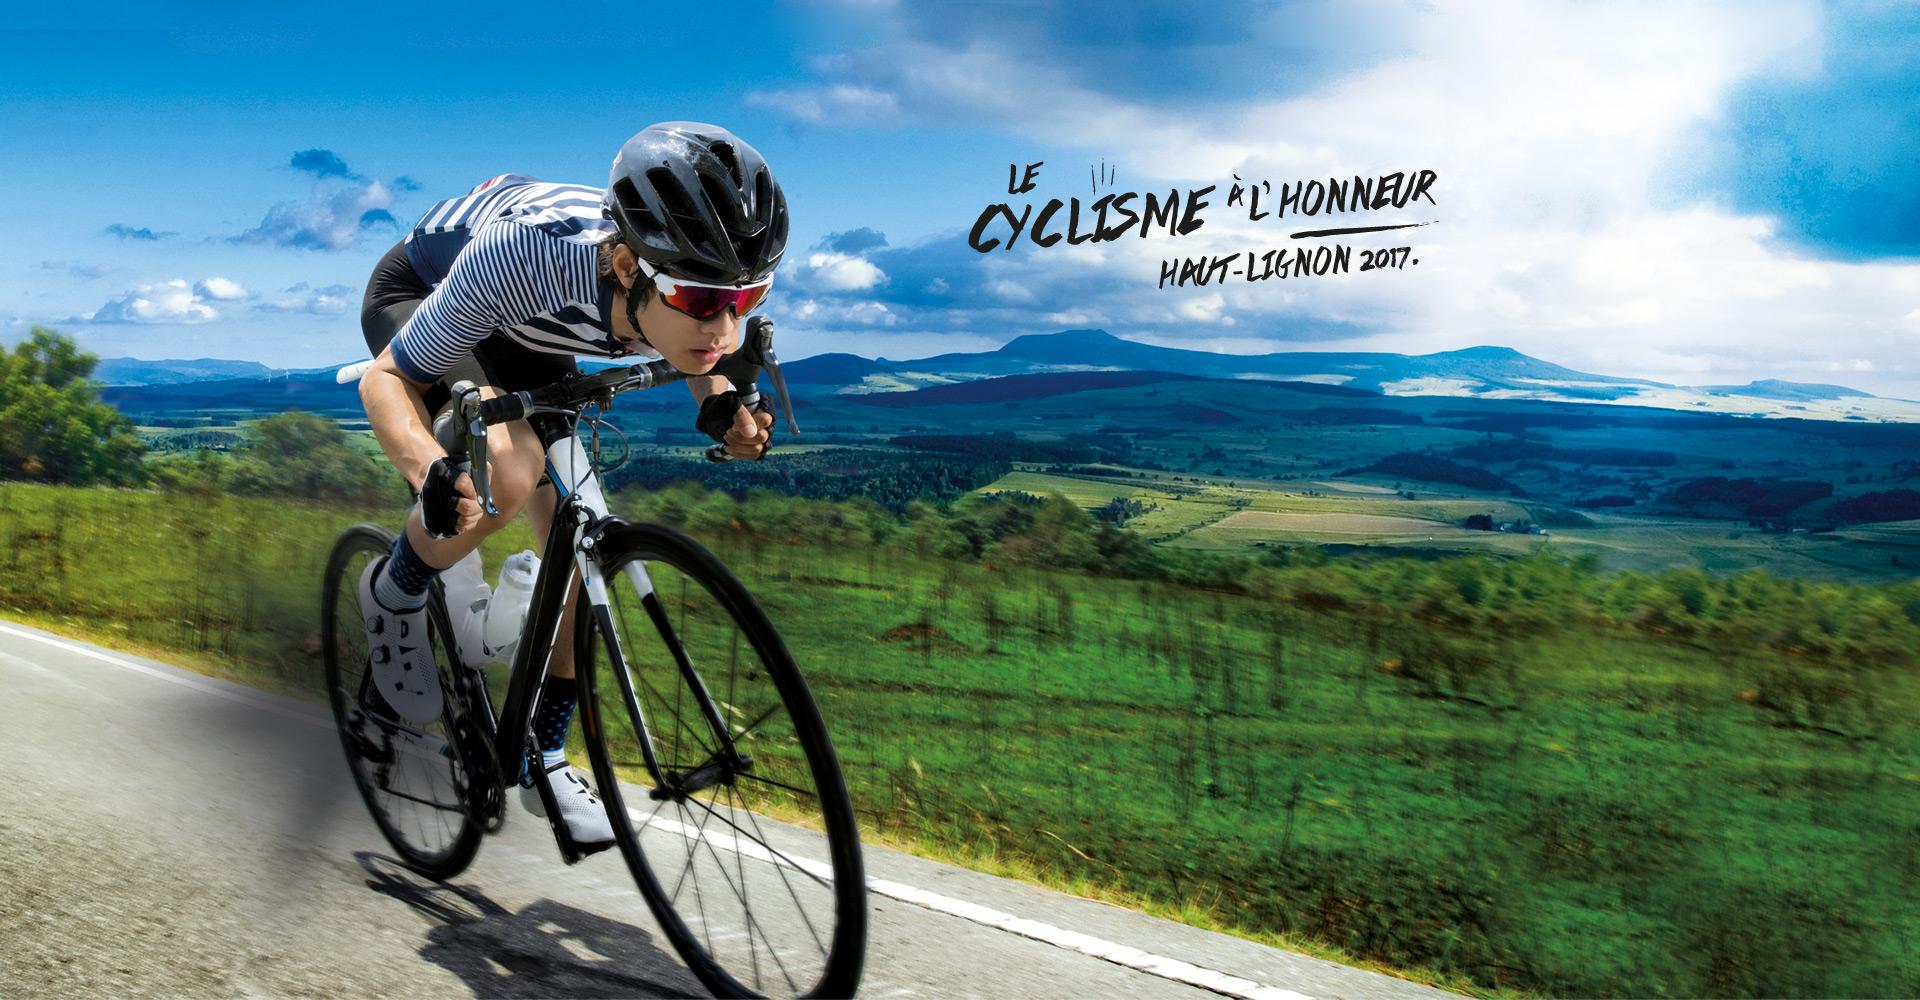 Le cyclisme à l'honneur sur le Haut-Lignon